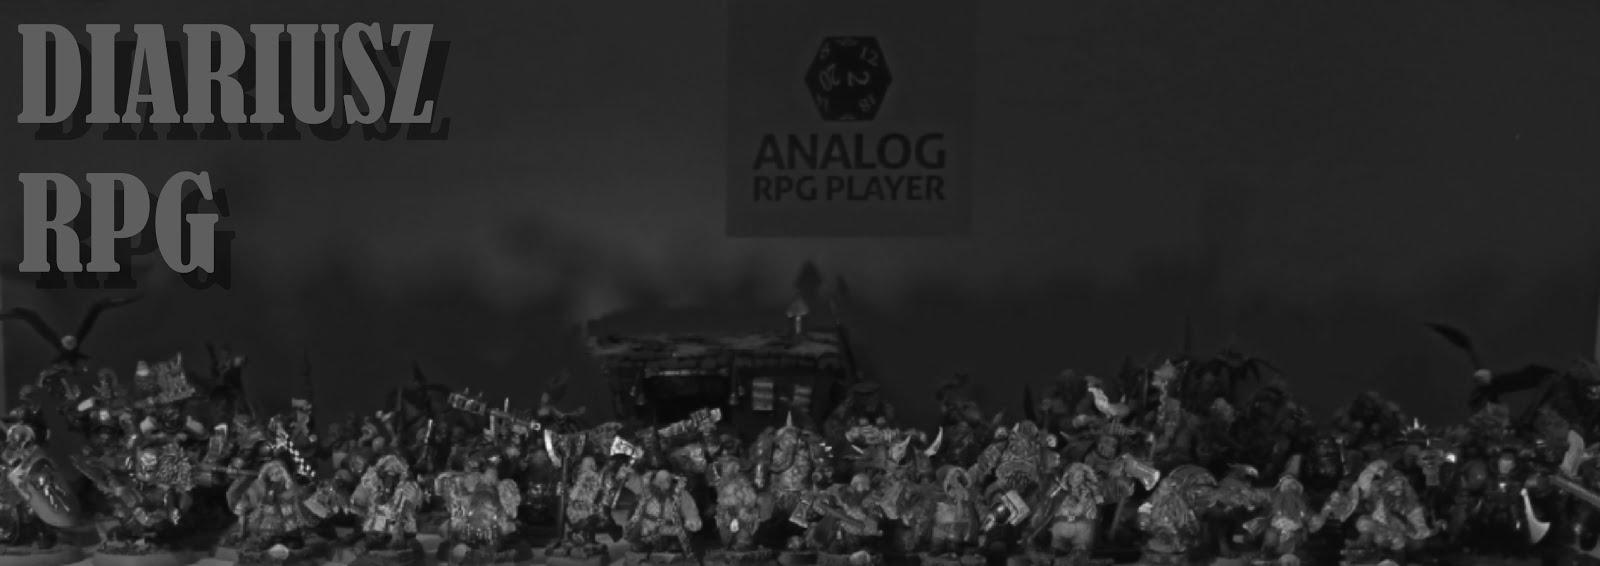 Diariusz RPG